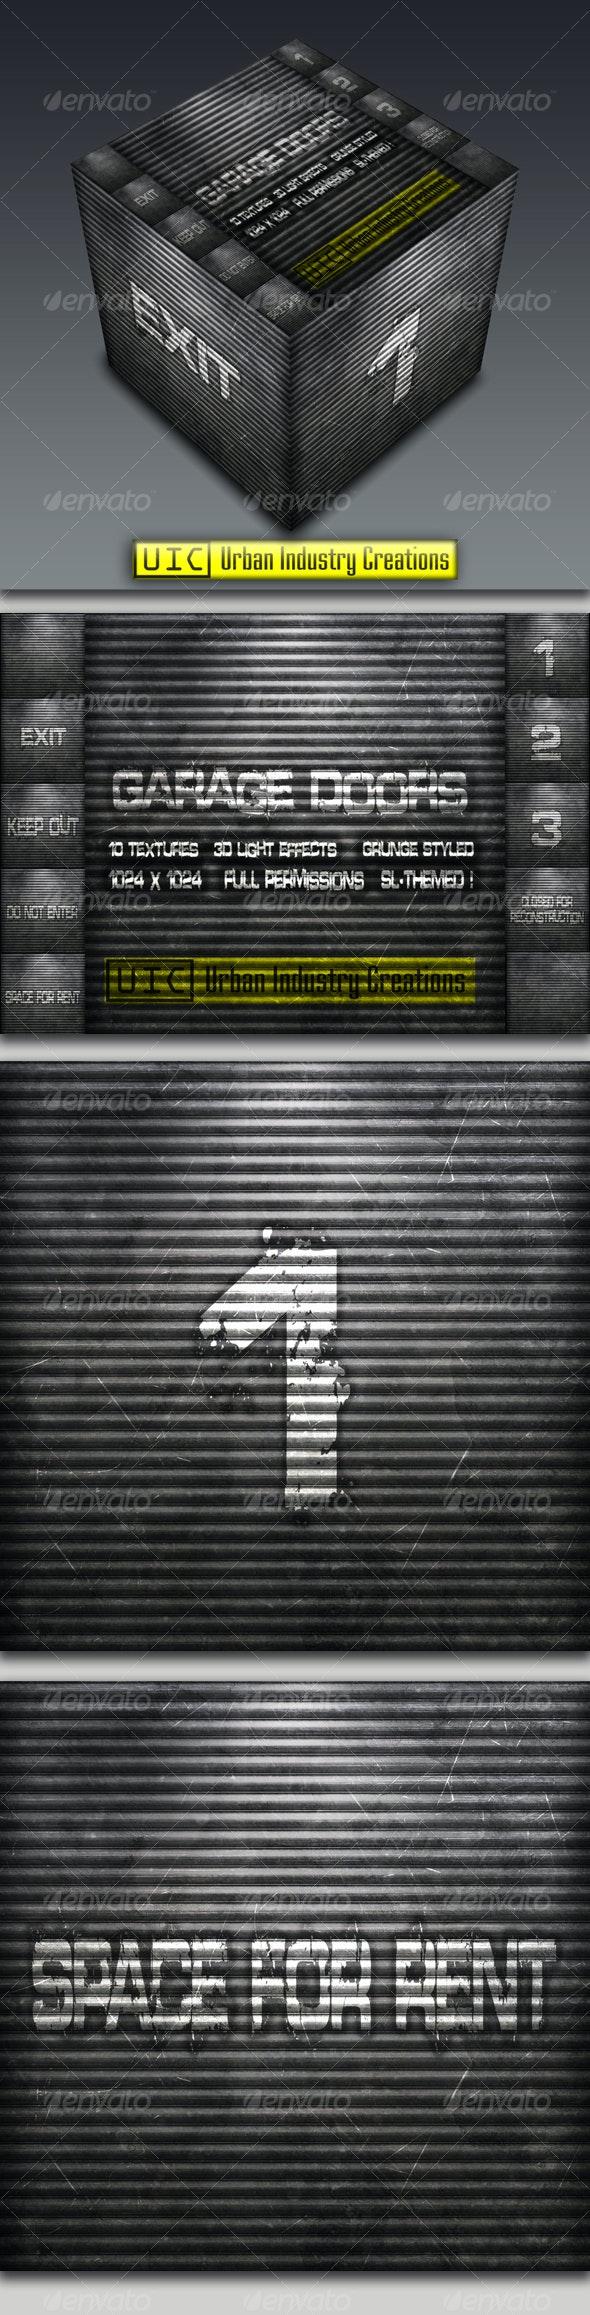 UIC Grunge Garage Door Textures Vol.1 - Industrial / Grunge Textures